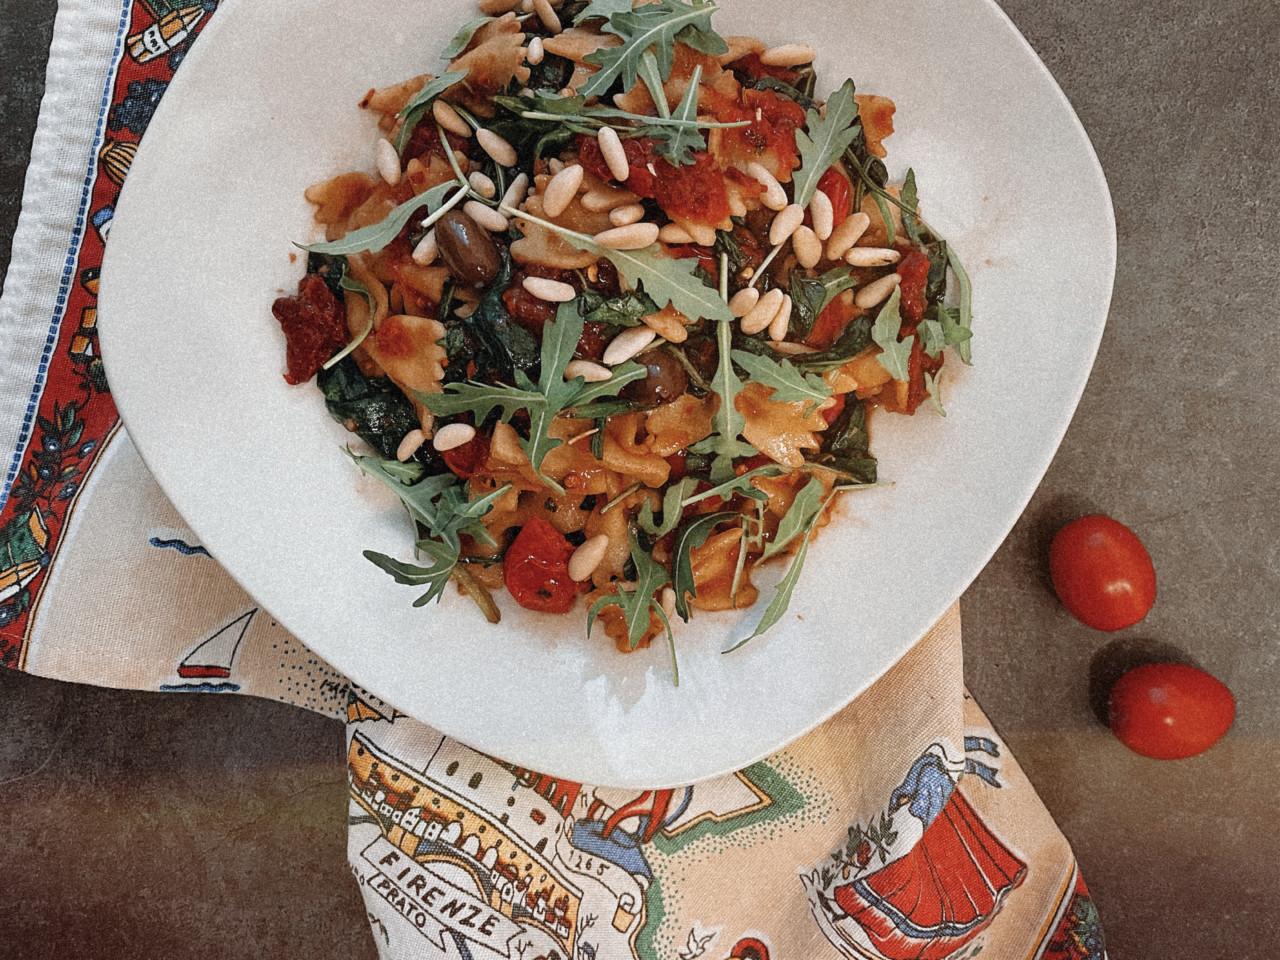 In diesem Salat sind wohl alle Formen von Tomaten, die es gibt. Foto: Lunchgate/Selina